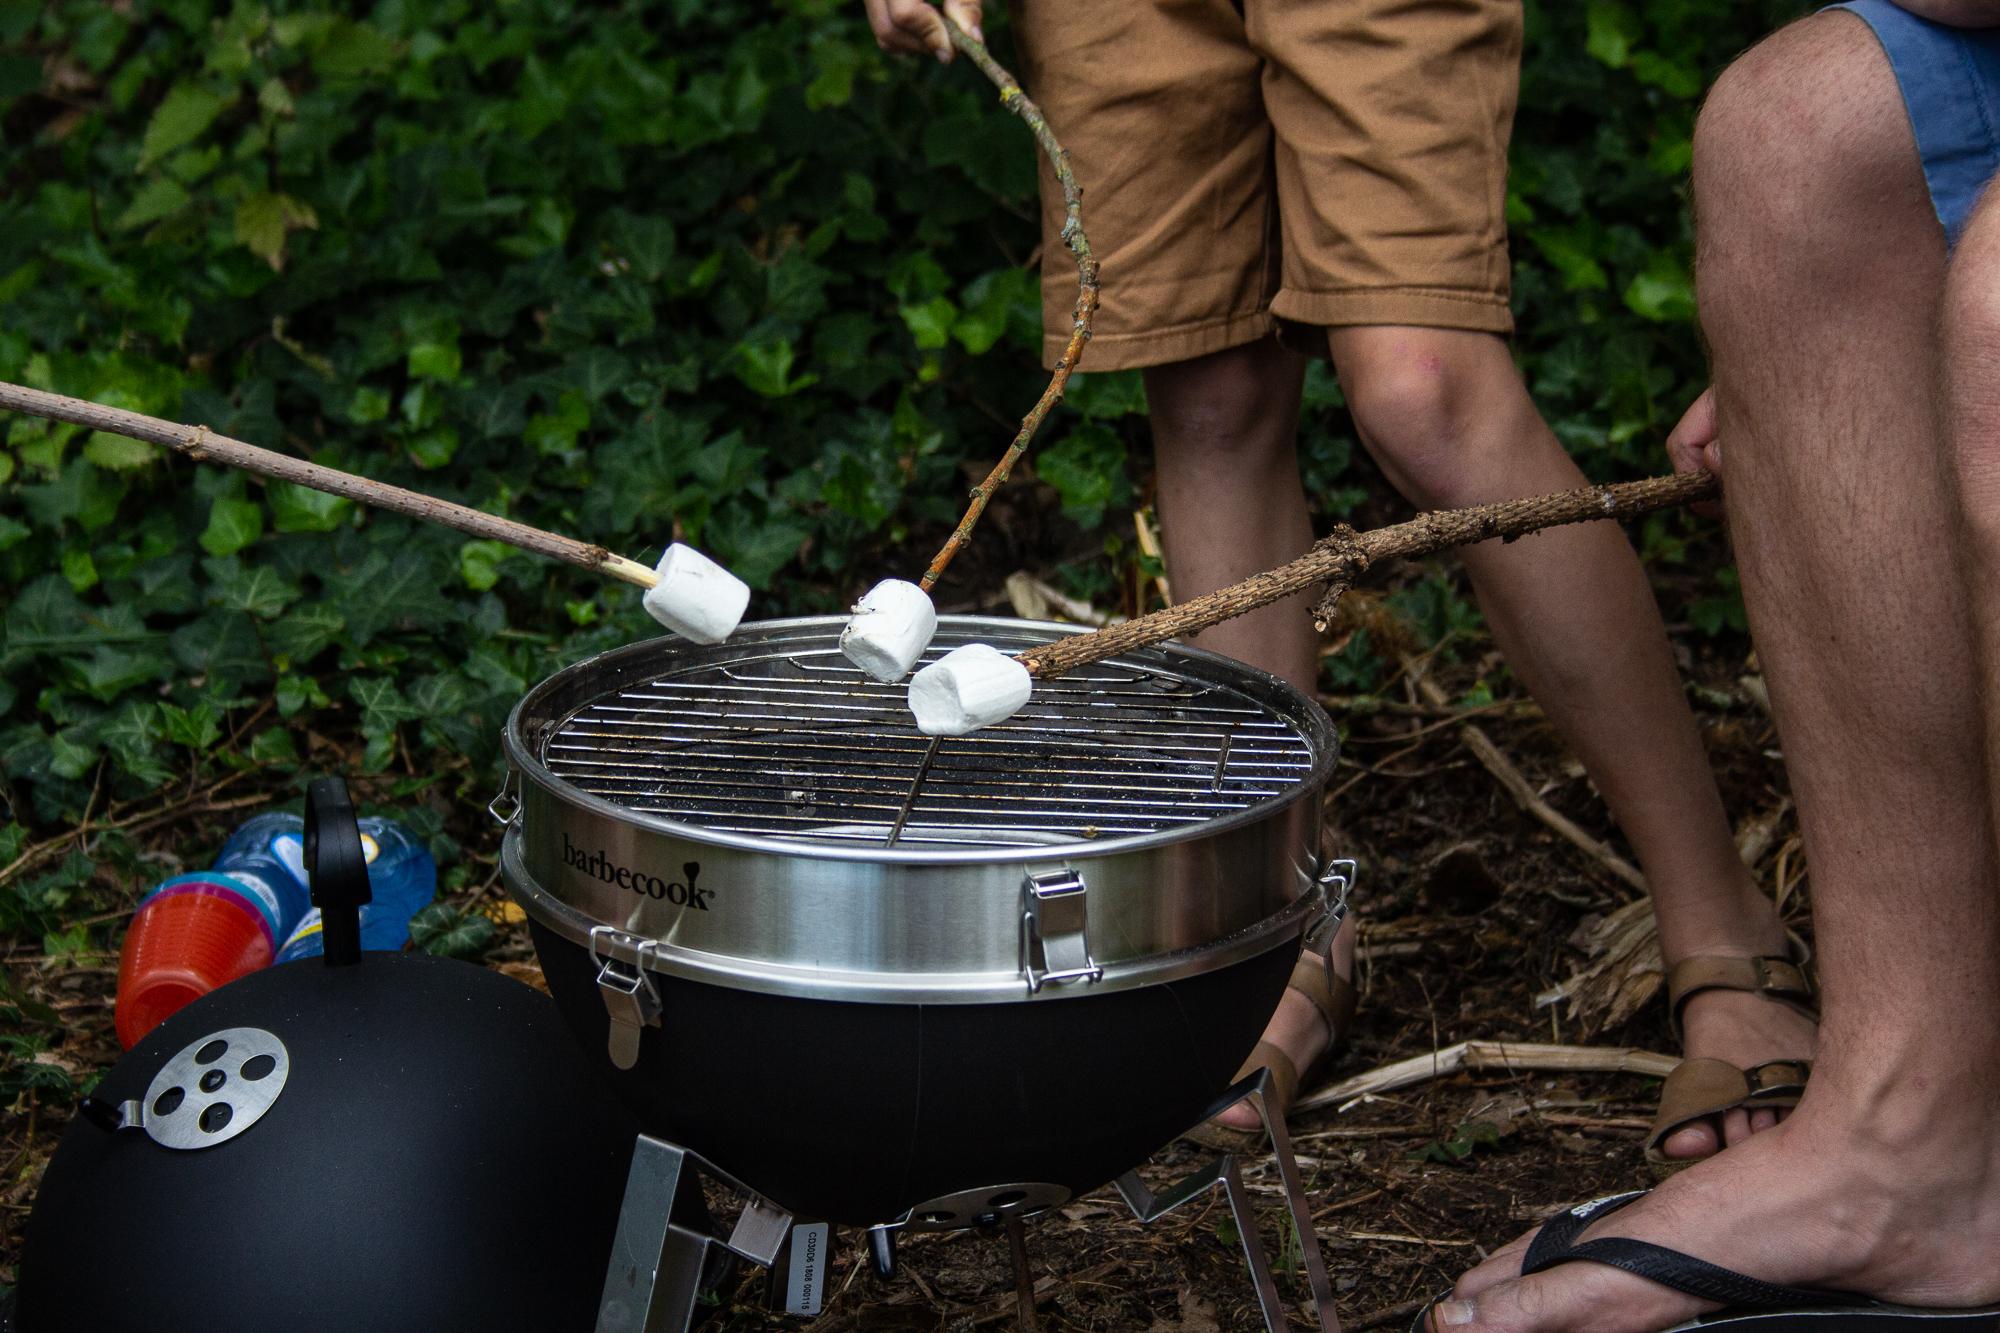 vaderklap barbecook-64.jpg